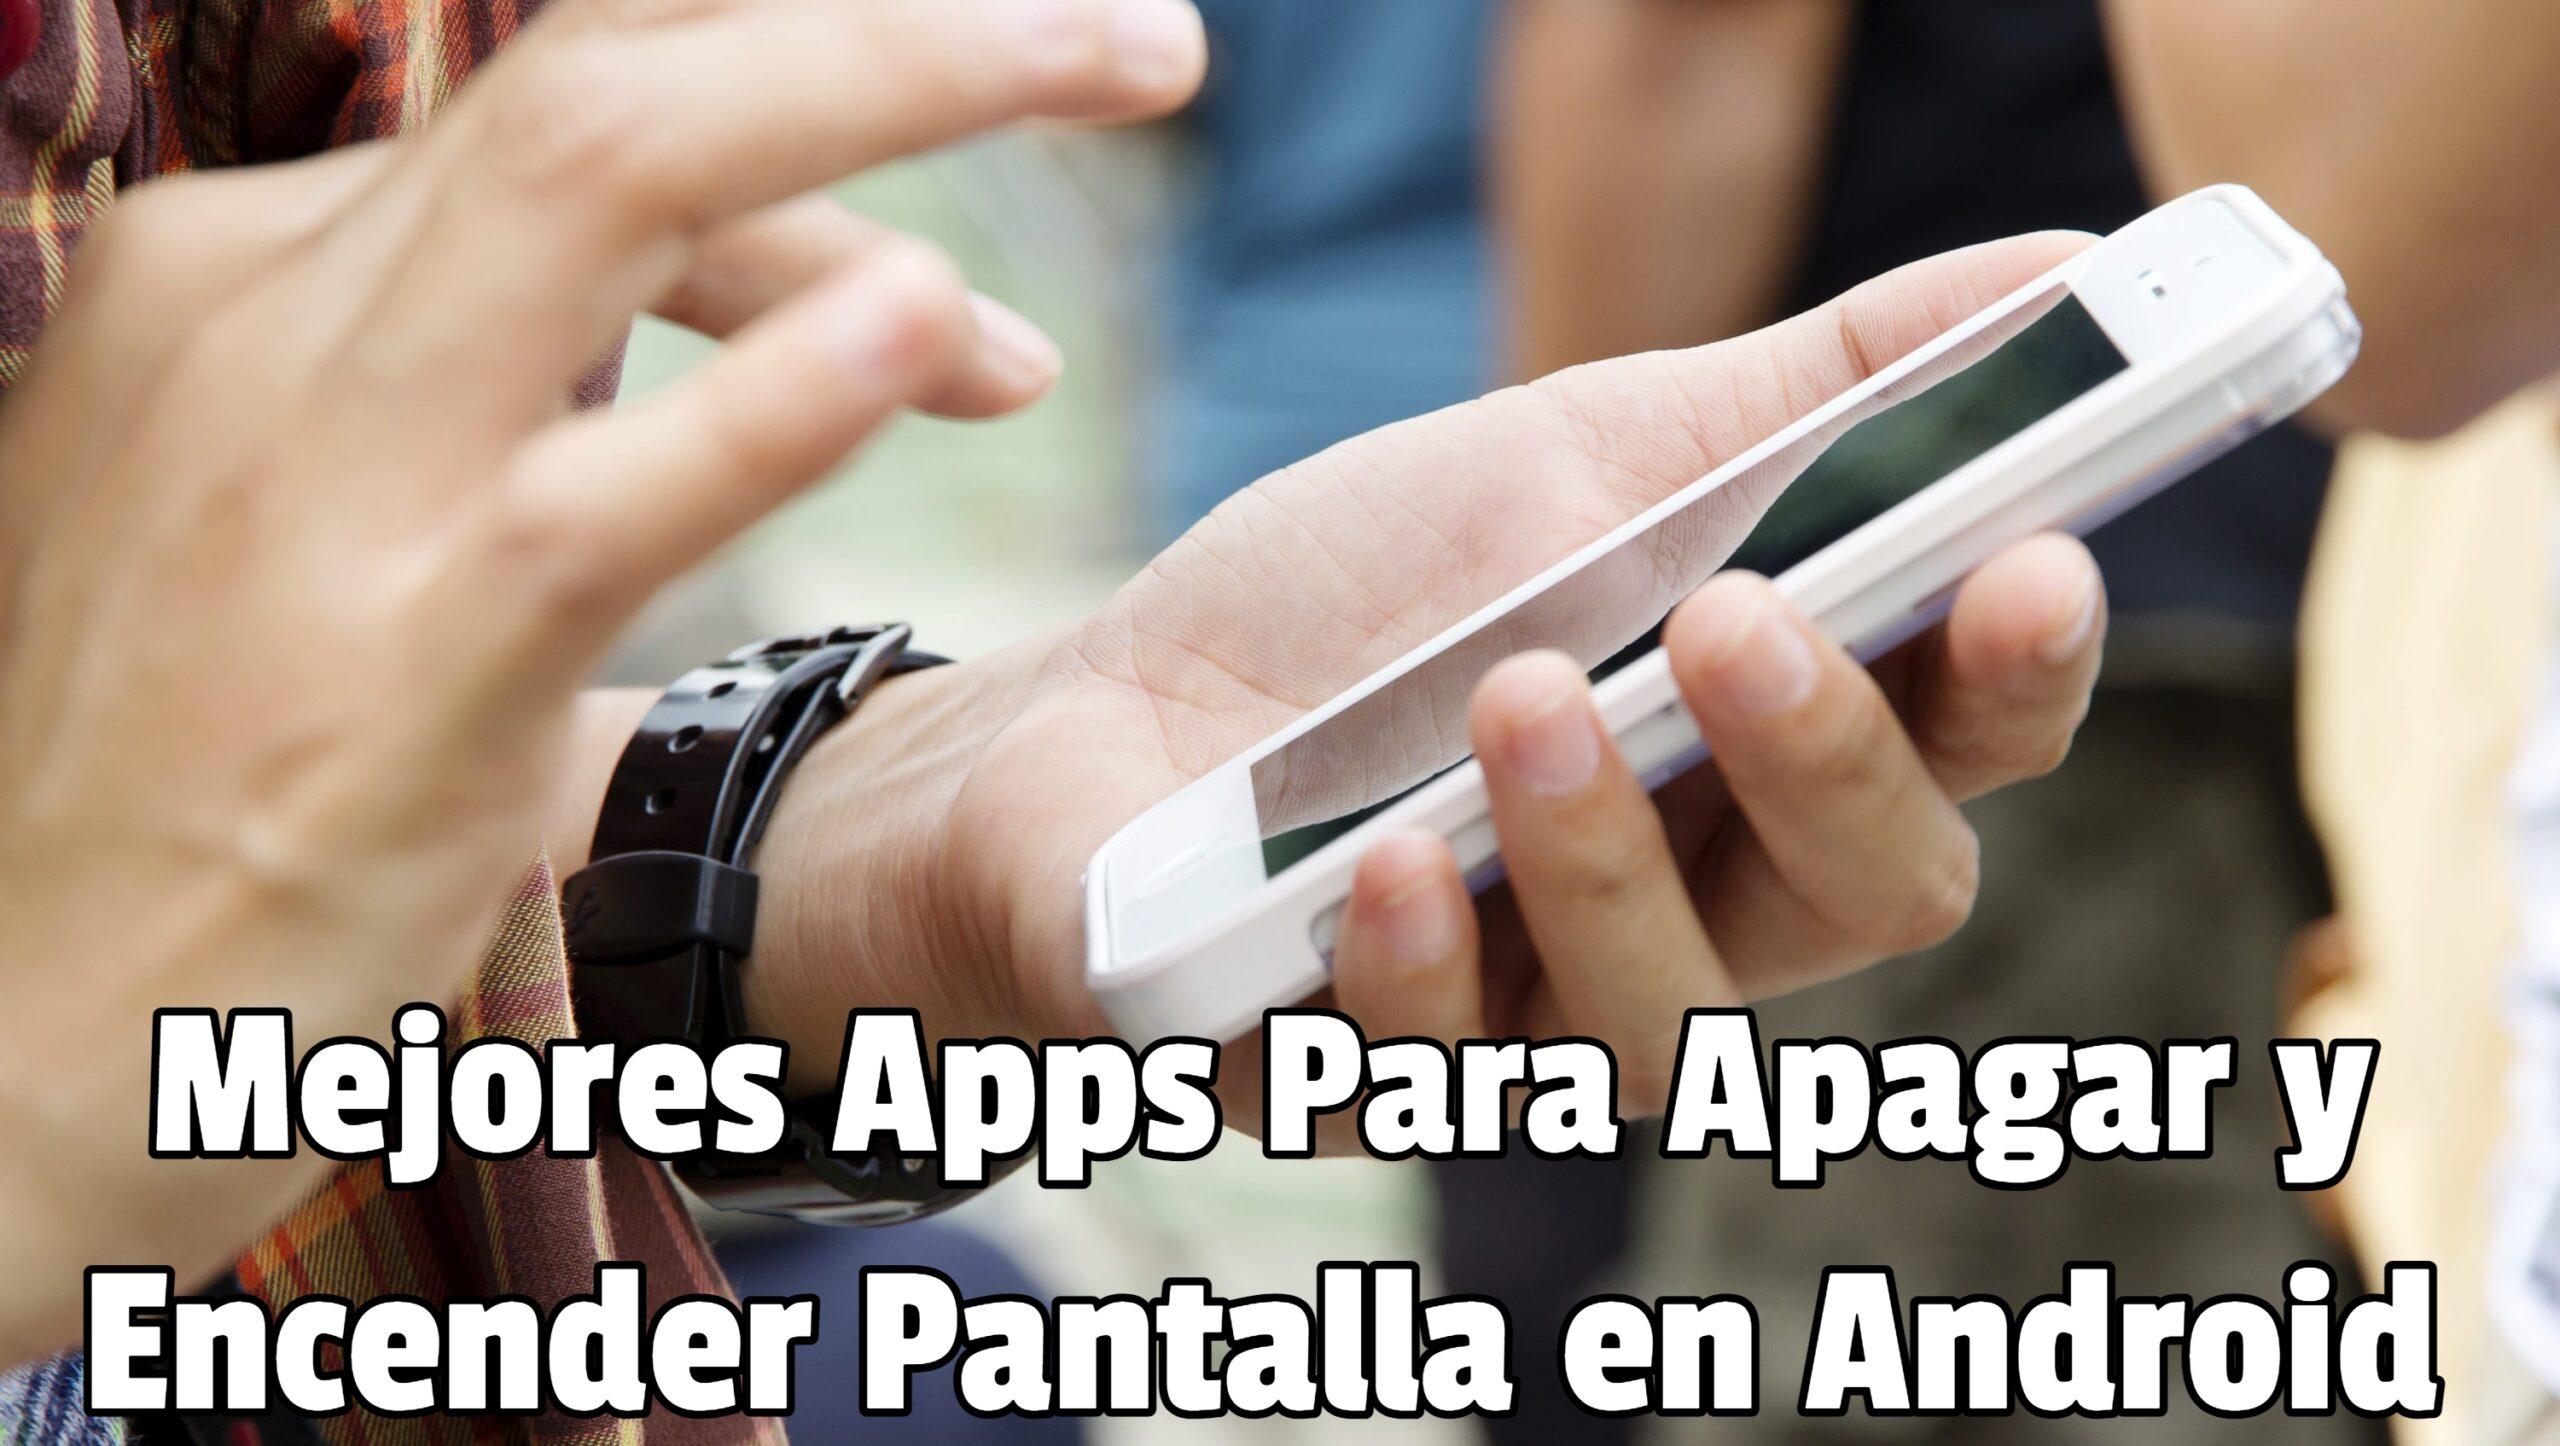 Mejores Apps Para Apagar y Encender Pantalla en Android